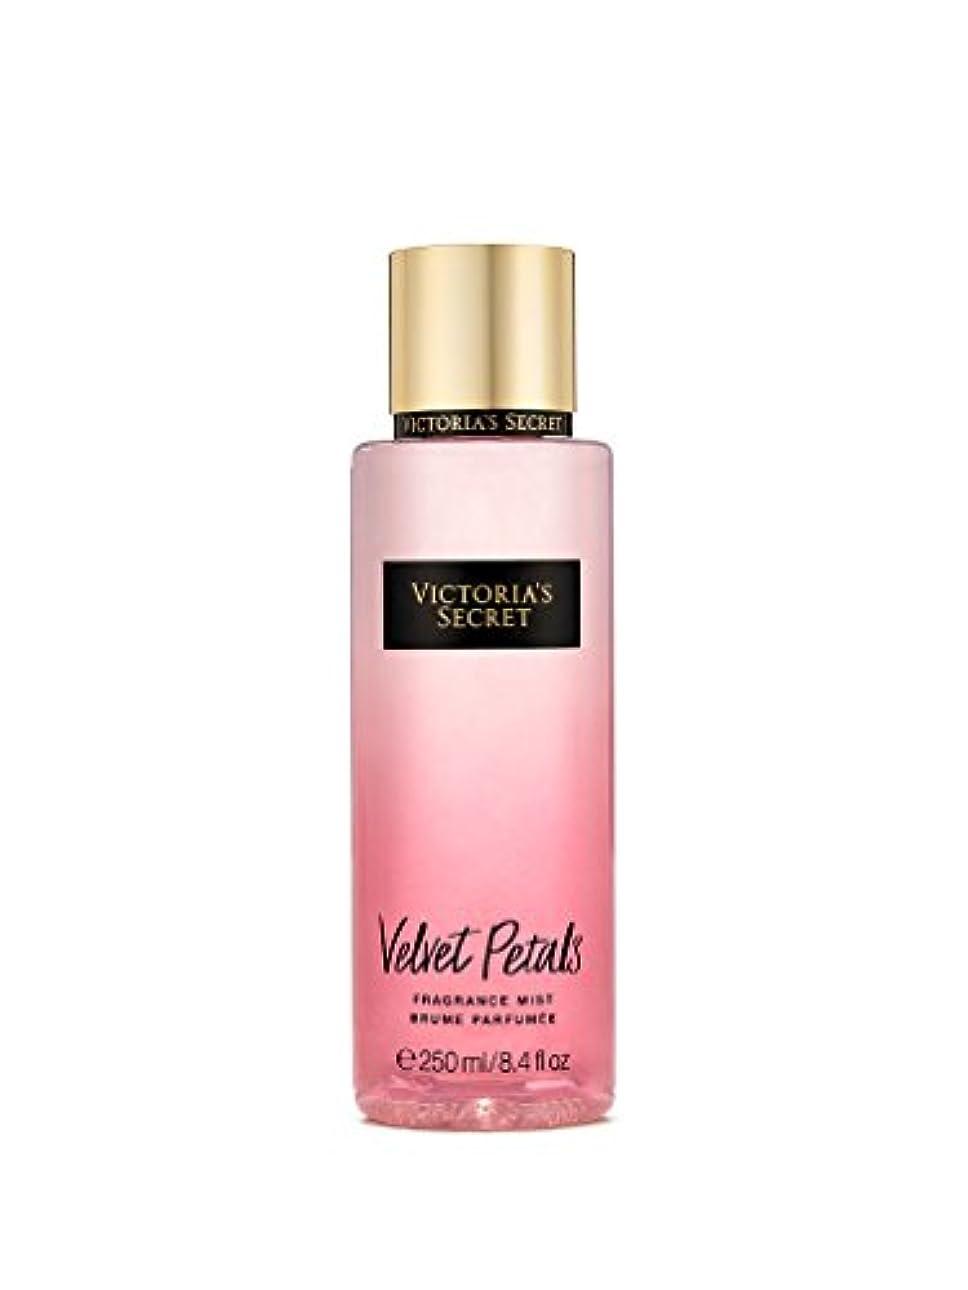 区ペレグリネーション臨検【並行輸入品】Victoria's Secret Velvet Petals Fragrance Mist ヴィクトリアズシークレットベルベットぺタルズミスト250 ml